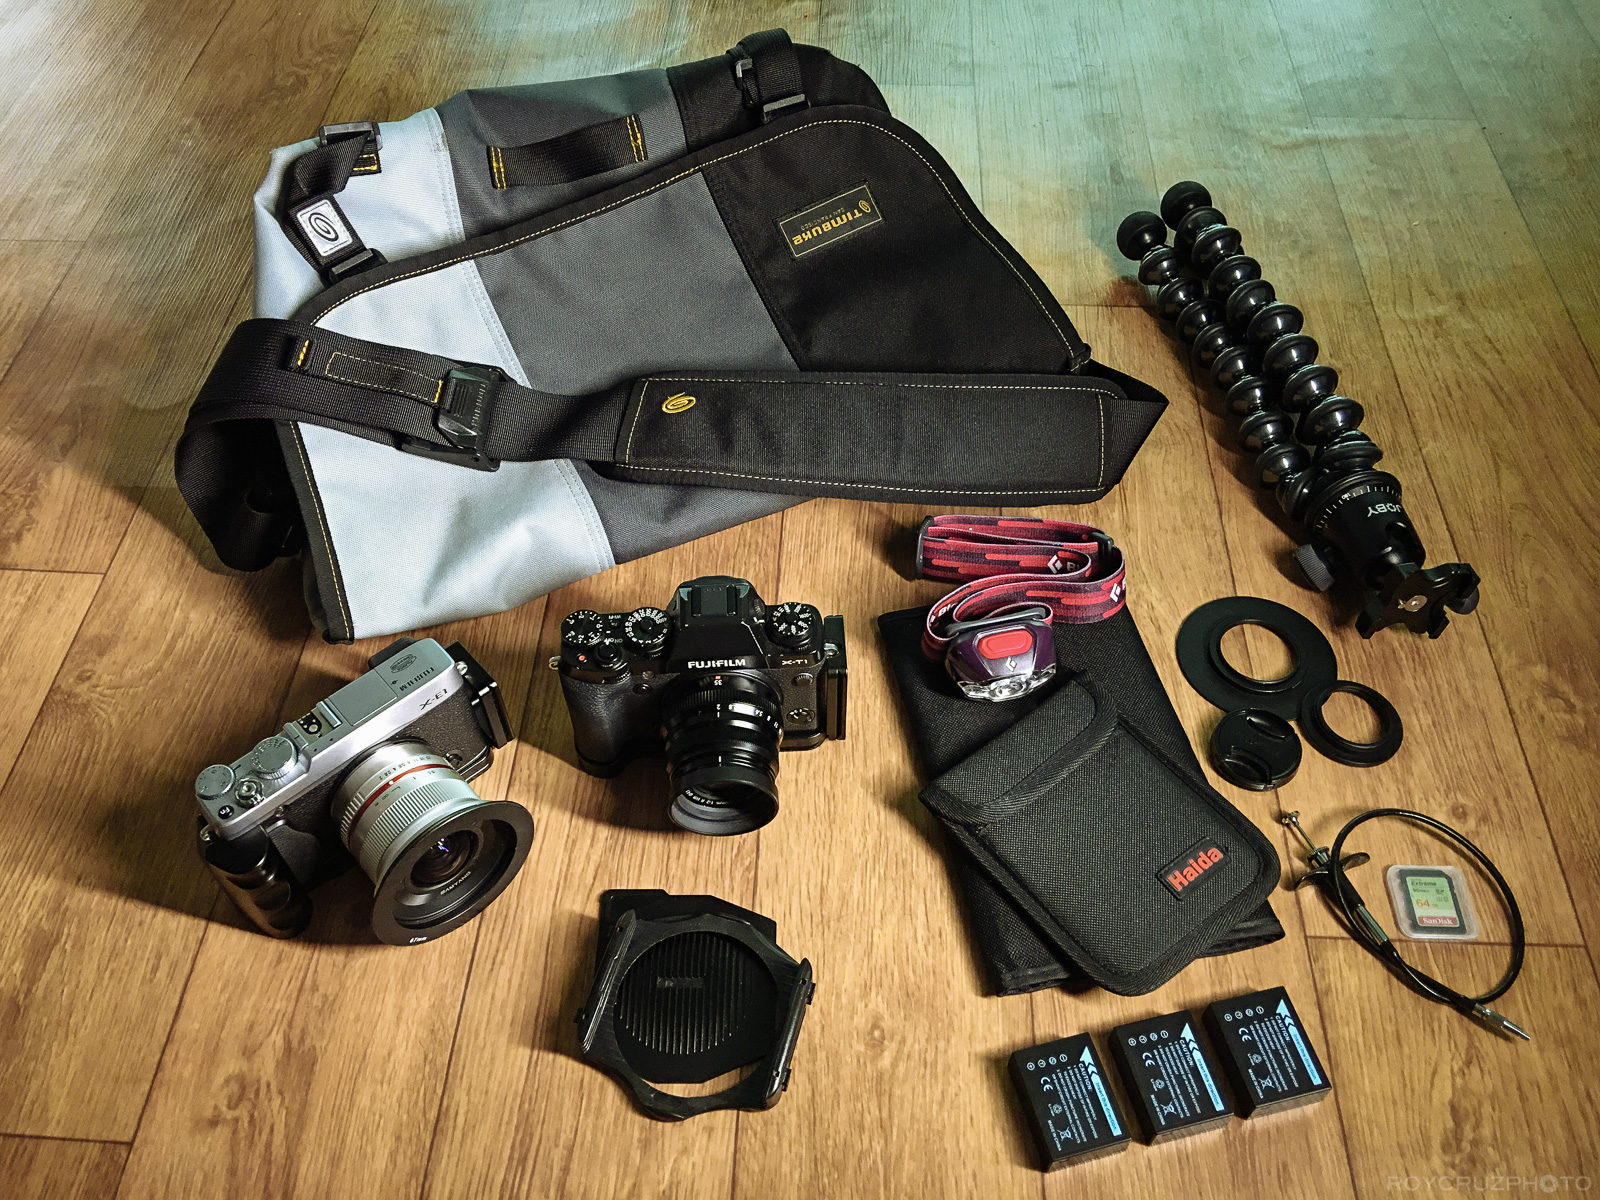 Fujifilm Travel Kit-1